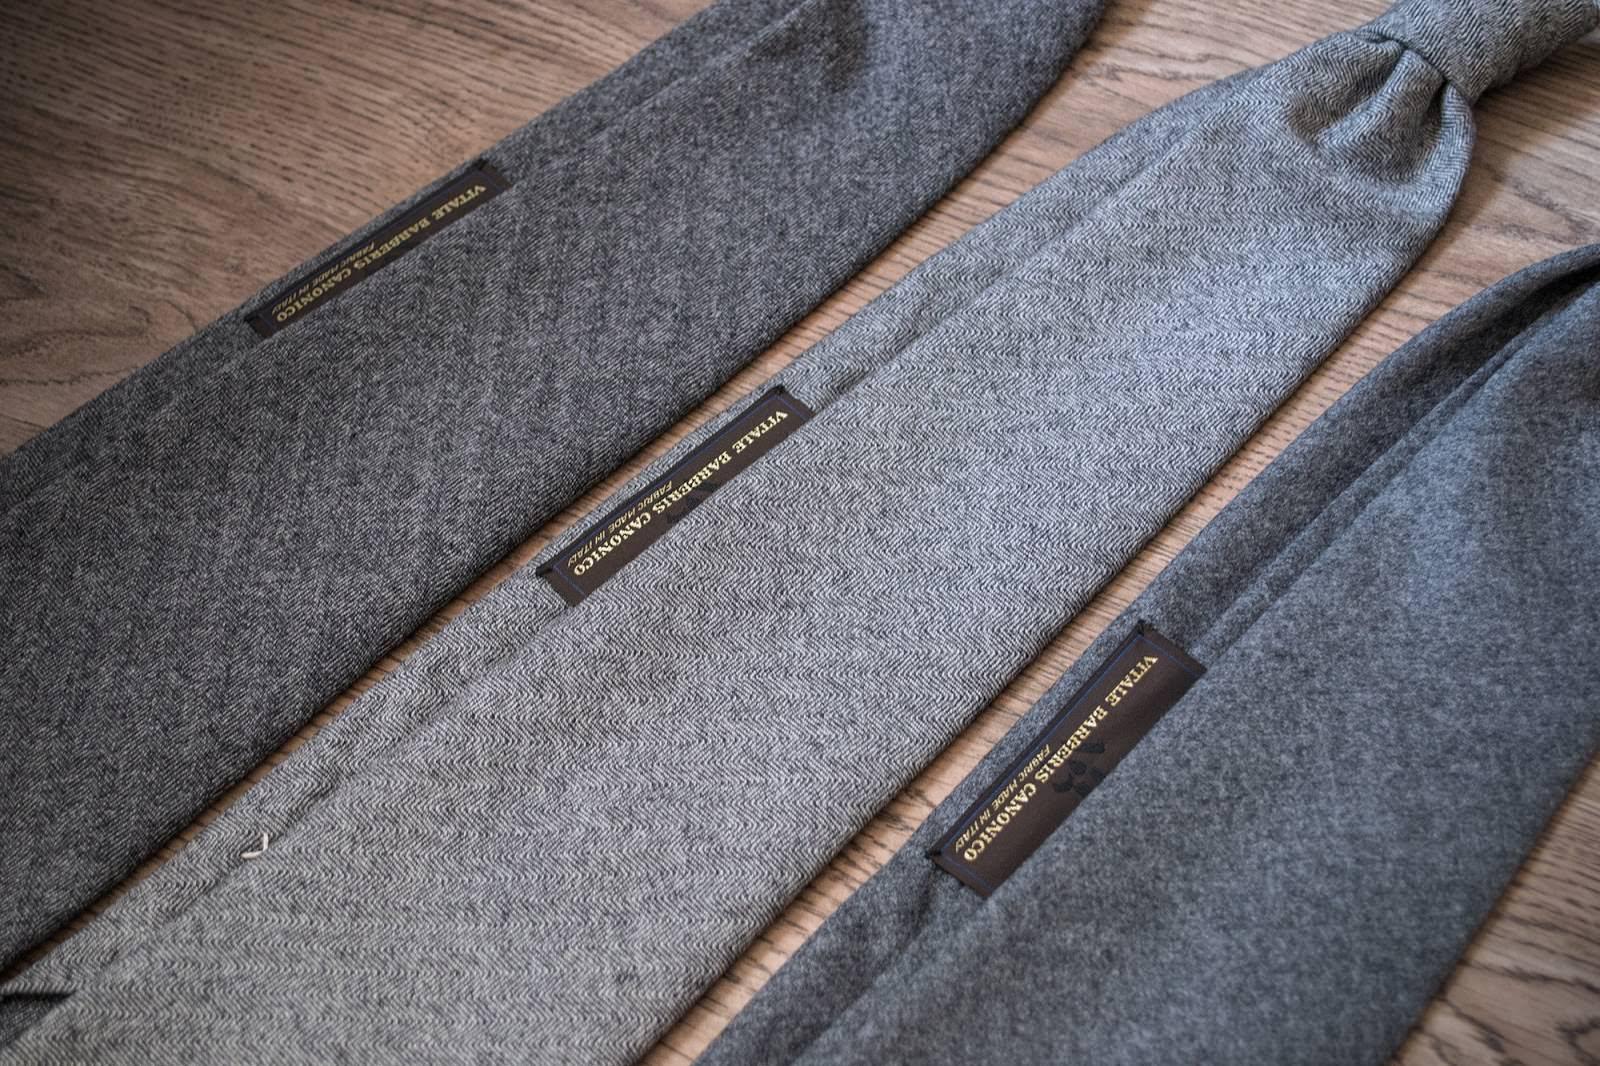 meilleure qualité pour dernière conception 100% qualité garantie Comment assortir cravate et chemise ? Les meilleurs conseils